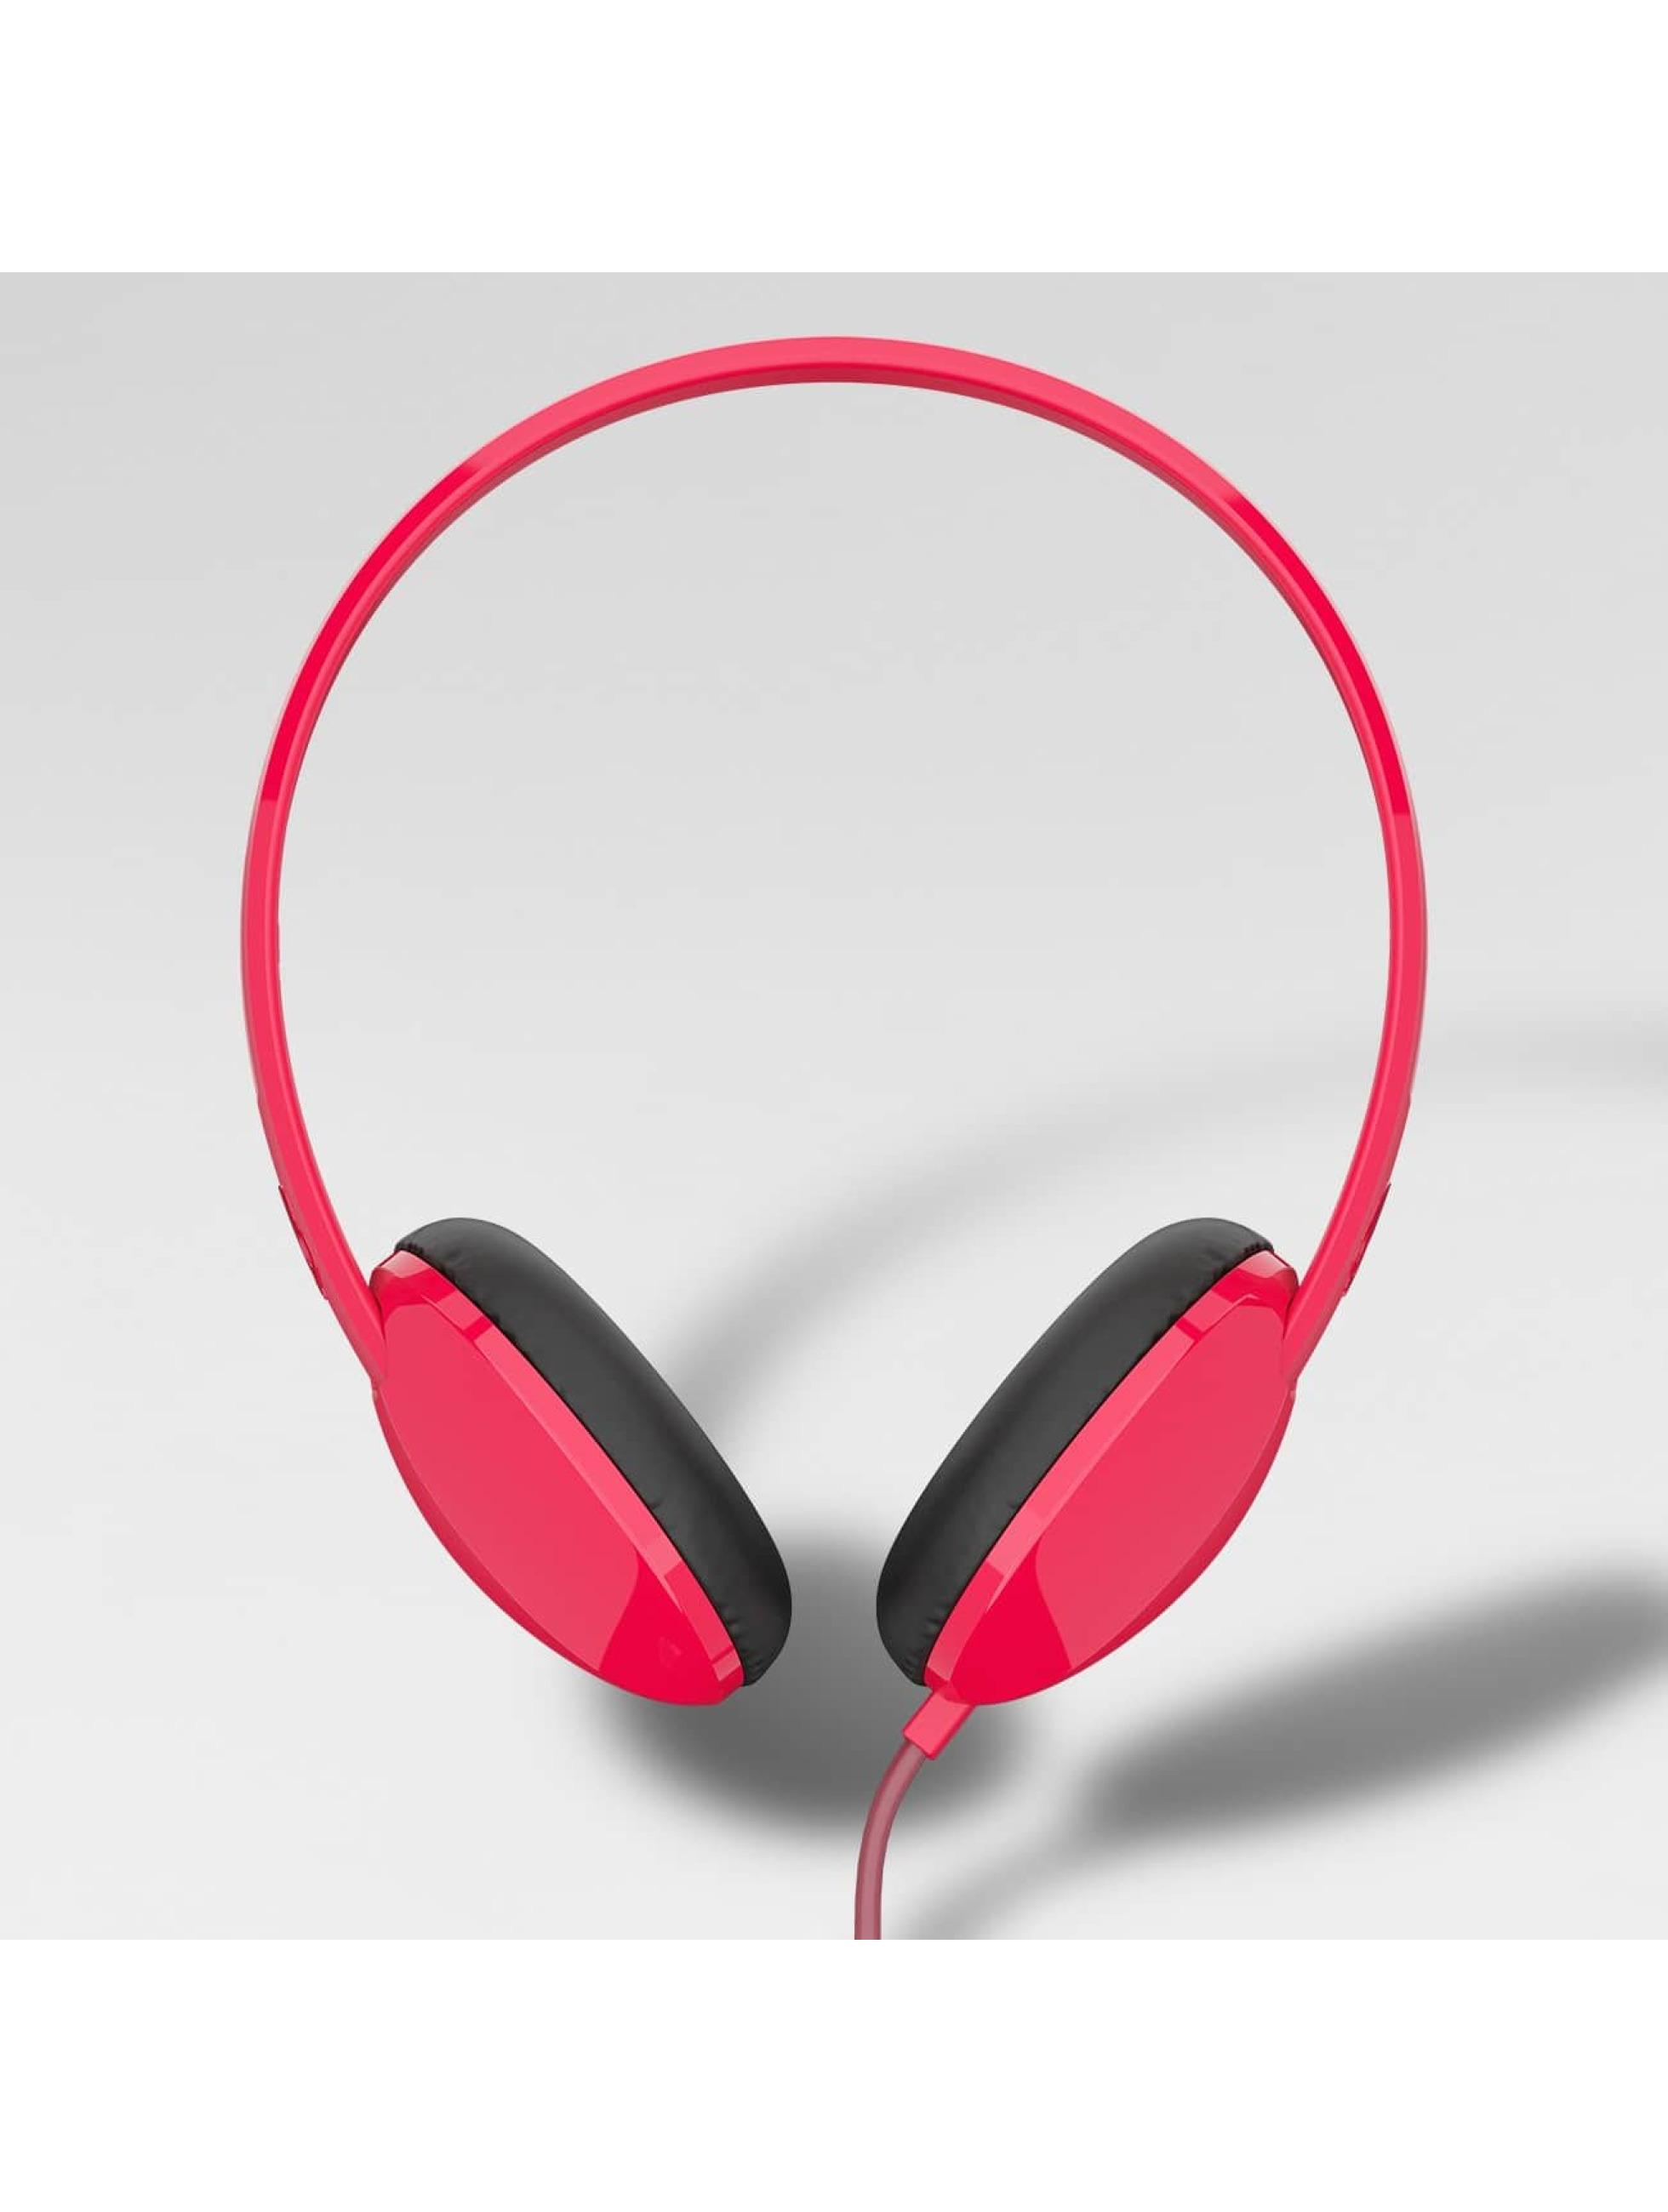 Skullcandy Høretelefoner Stim Mic 1 On Ear rød